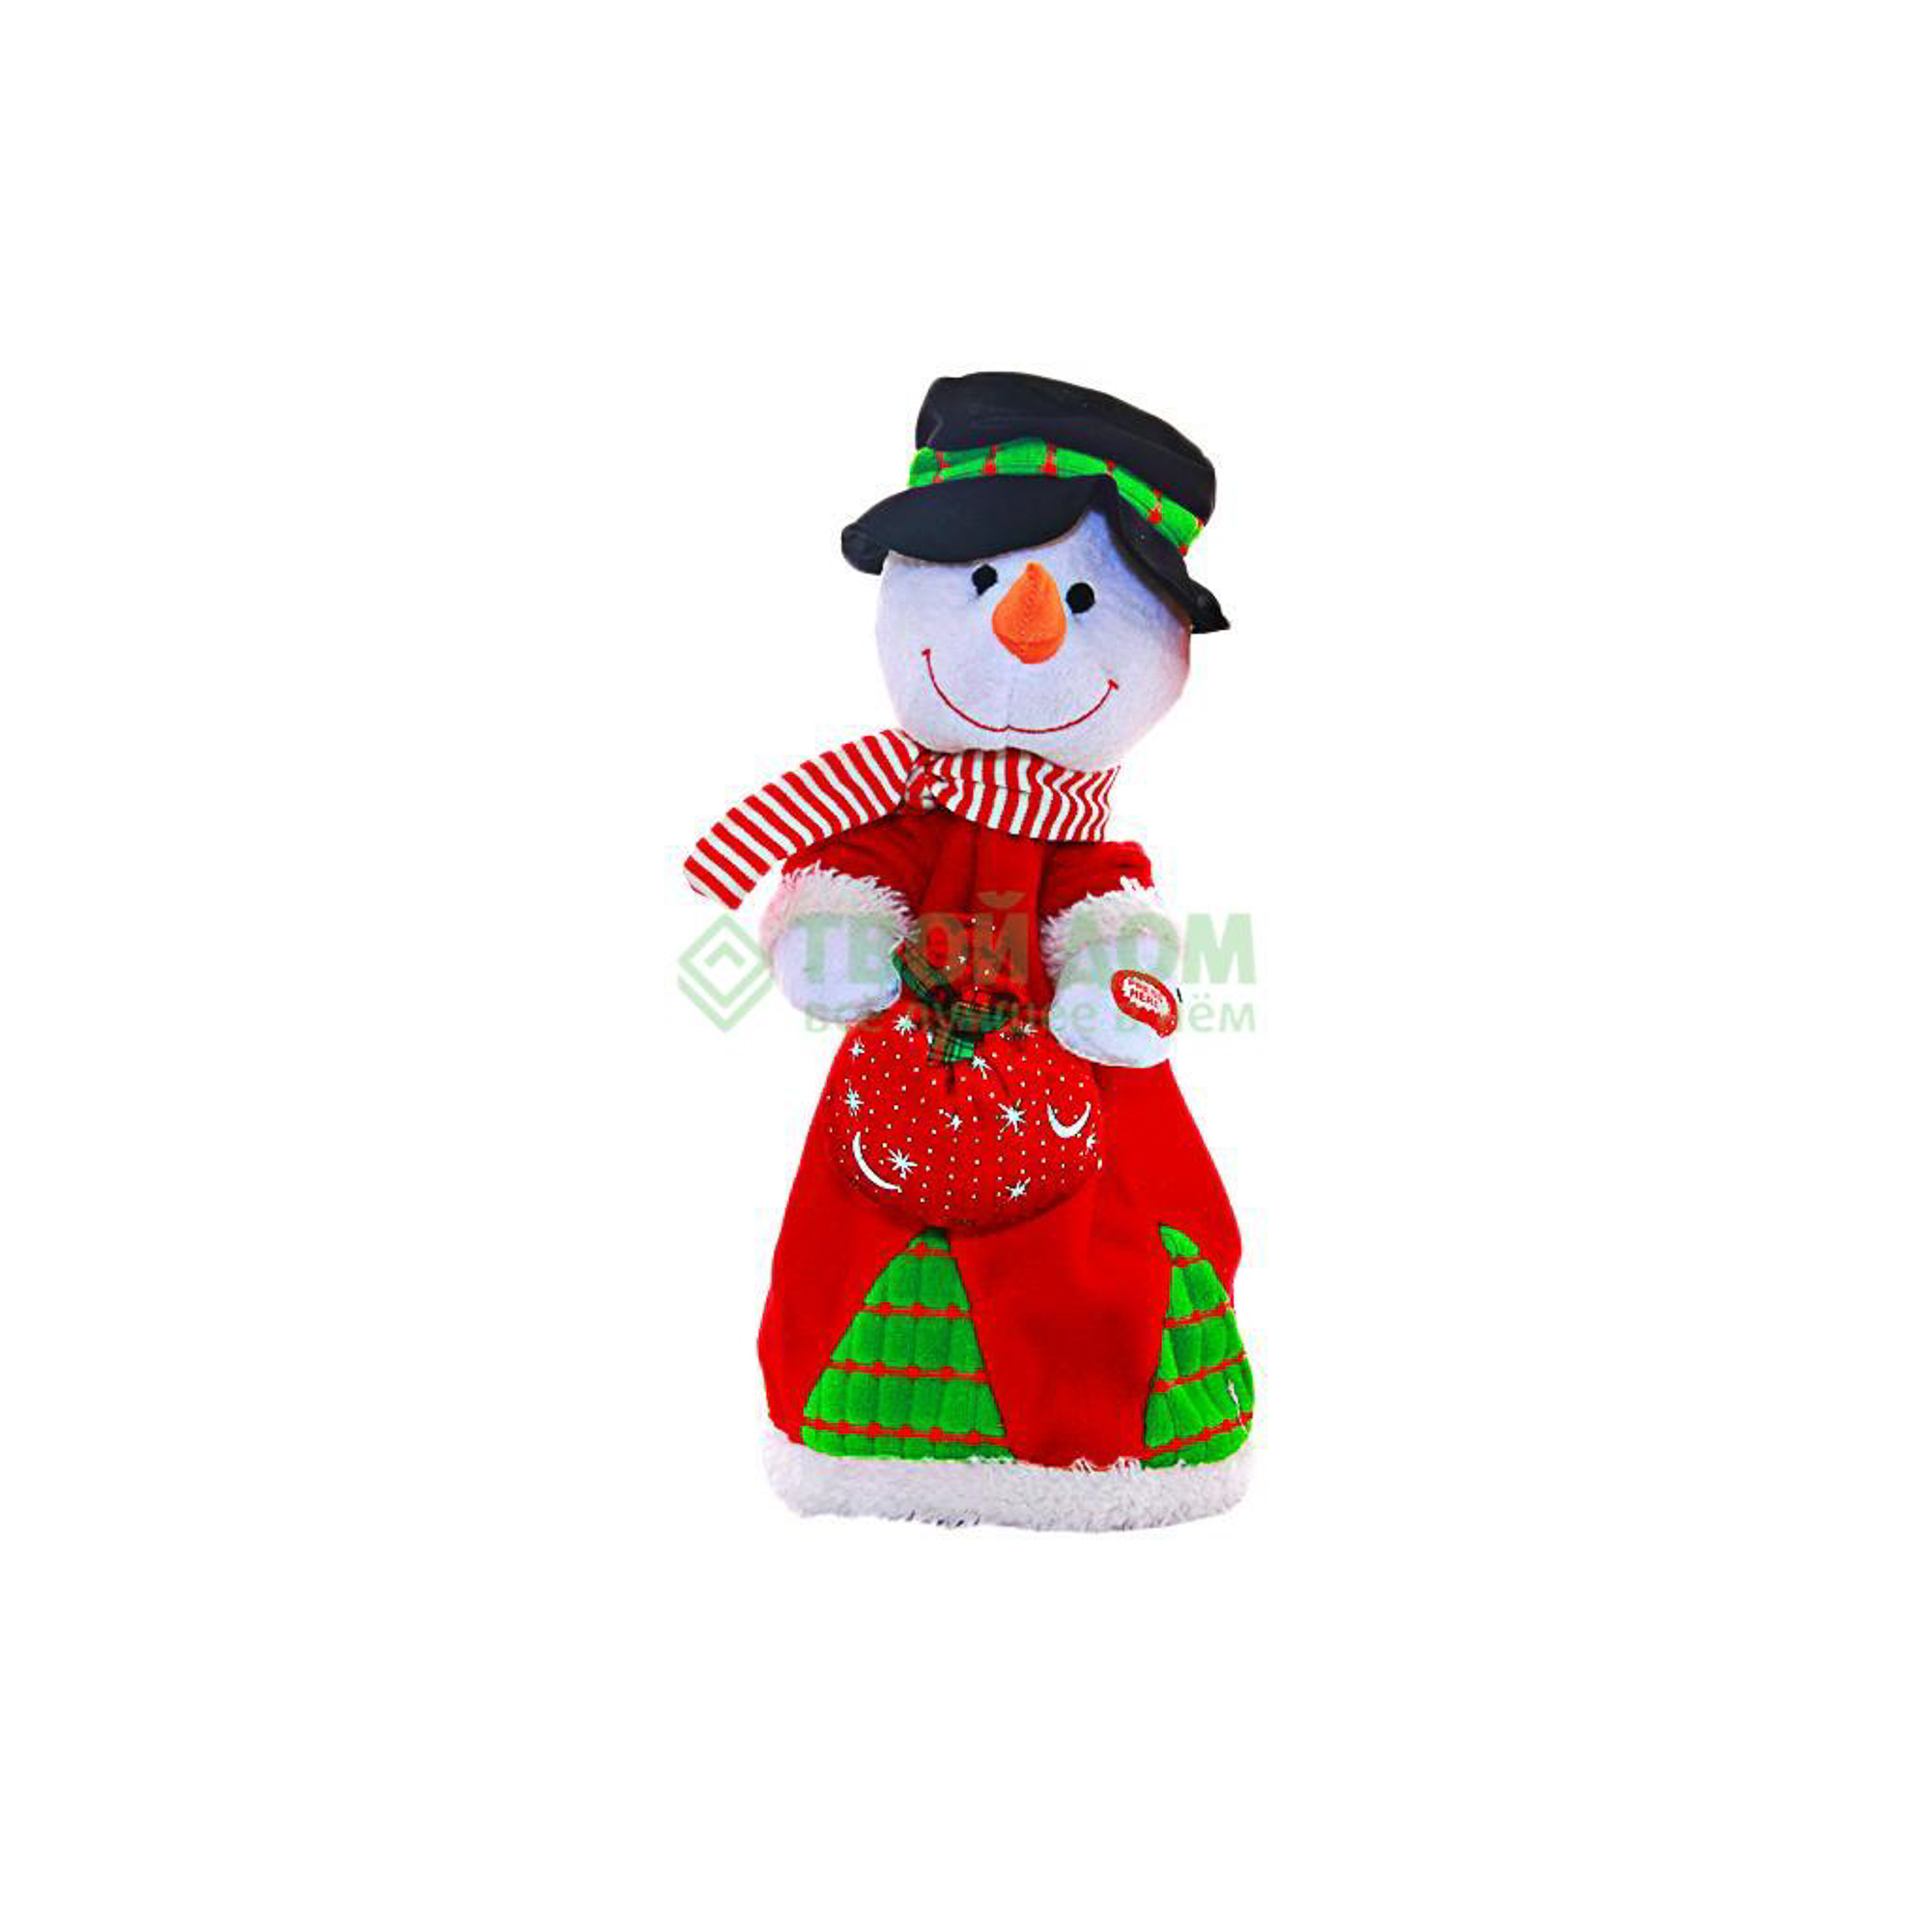 Фигурка Koopman Снеговик (315000060/903552/903553) фигурка lefard снеговик 787 179